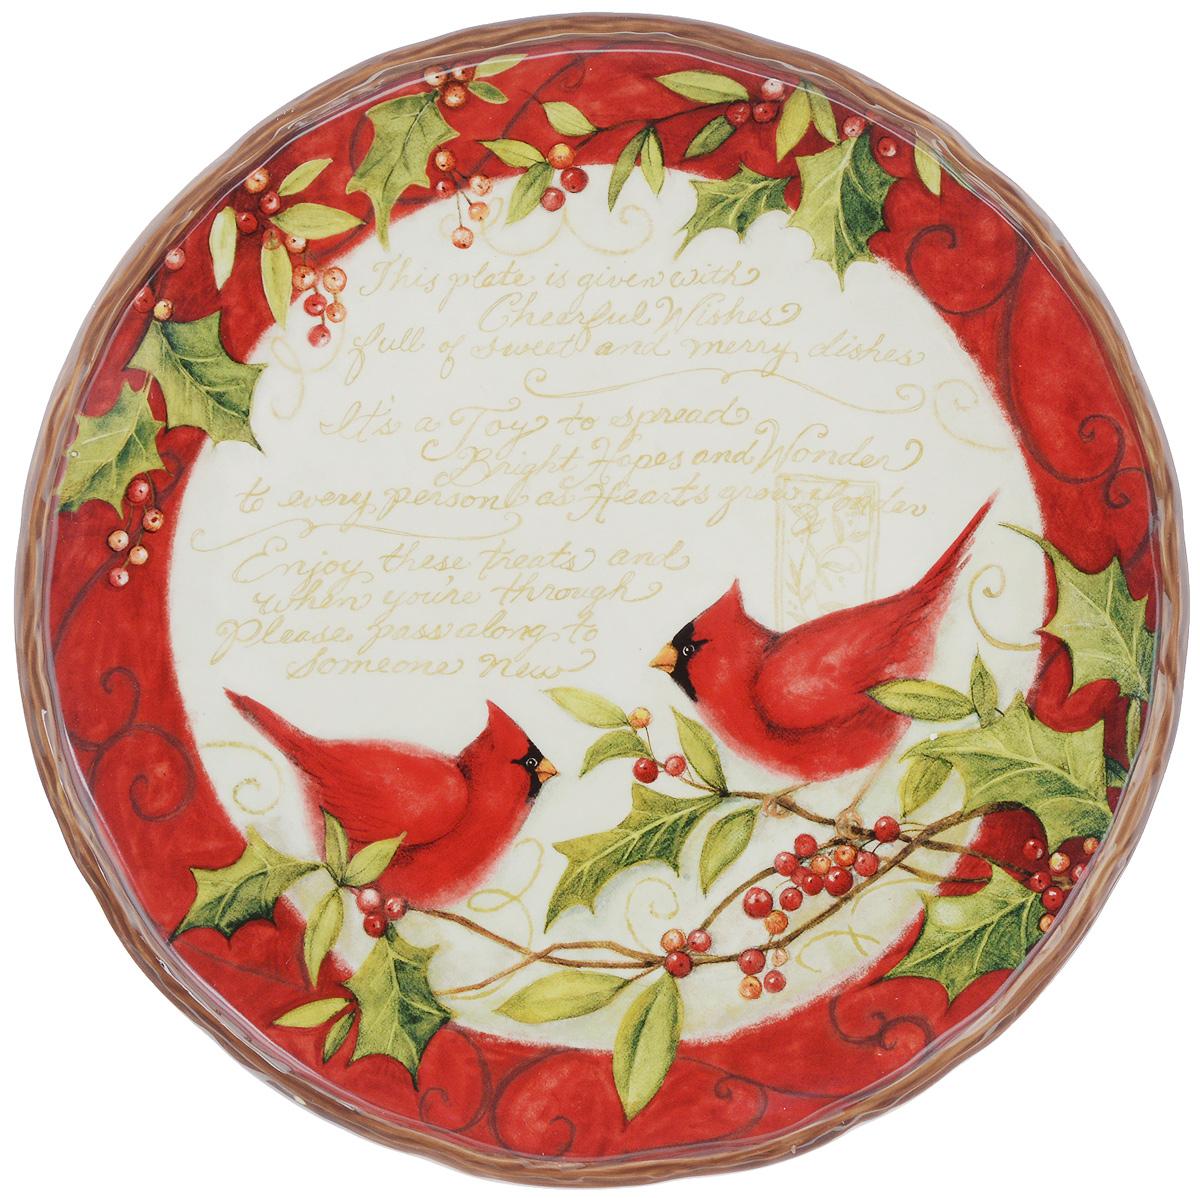 Блюдо Certified International Зимнее чудо, диаметр 30 см106040Блюдо Certified International Зимнее чудо, изготовленное из керамики, отлично подойдет для красивой сервировки различных блюд. Изделие придется по вкусу и ценителям классики, и тем, кто предпочитает утонченность и изысканность.Блюдо Certified International Зимнее чудо идеально подойдет для сервировки стола и станет отличным подарком к любому празднику.Диаметр по верхнему краю: 30 см.